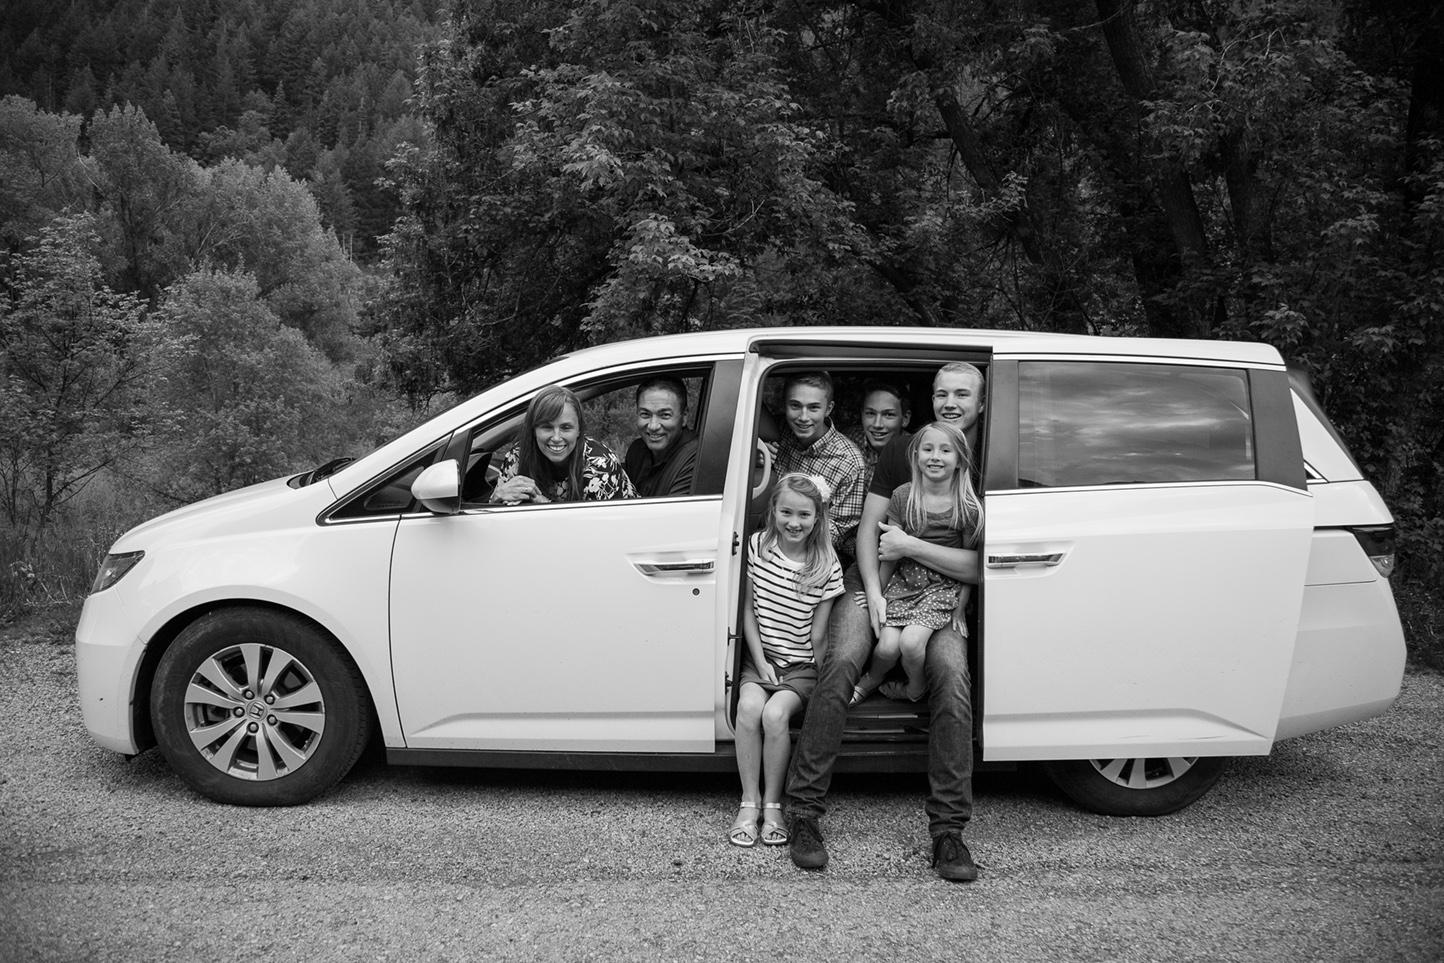 utah-county-family-portrait-photographer.jpg